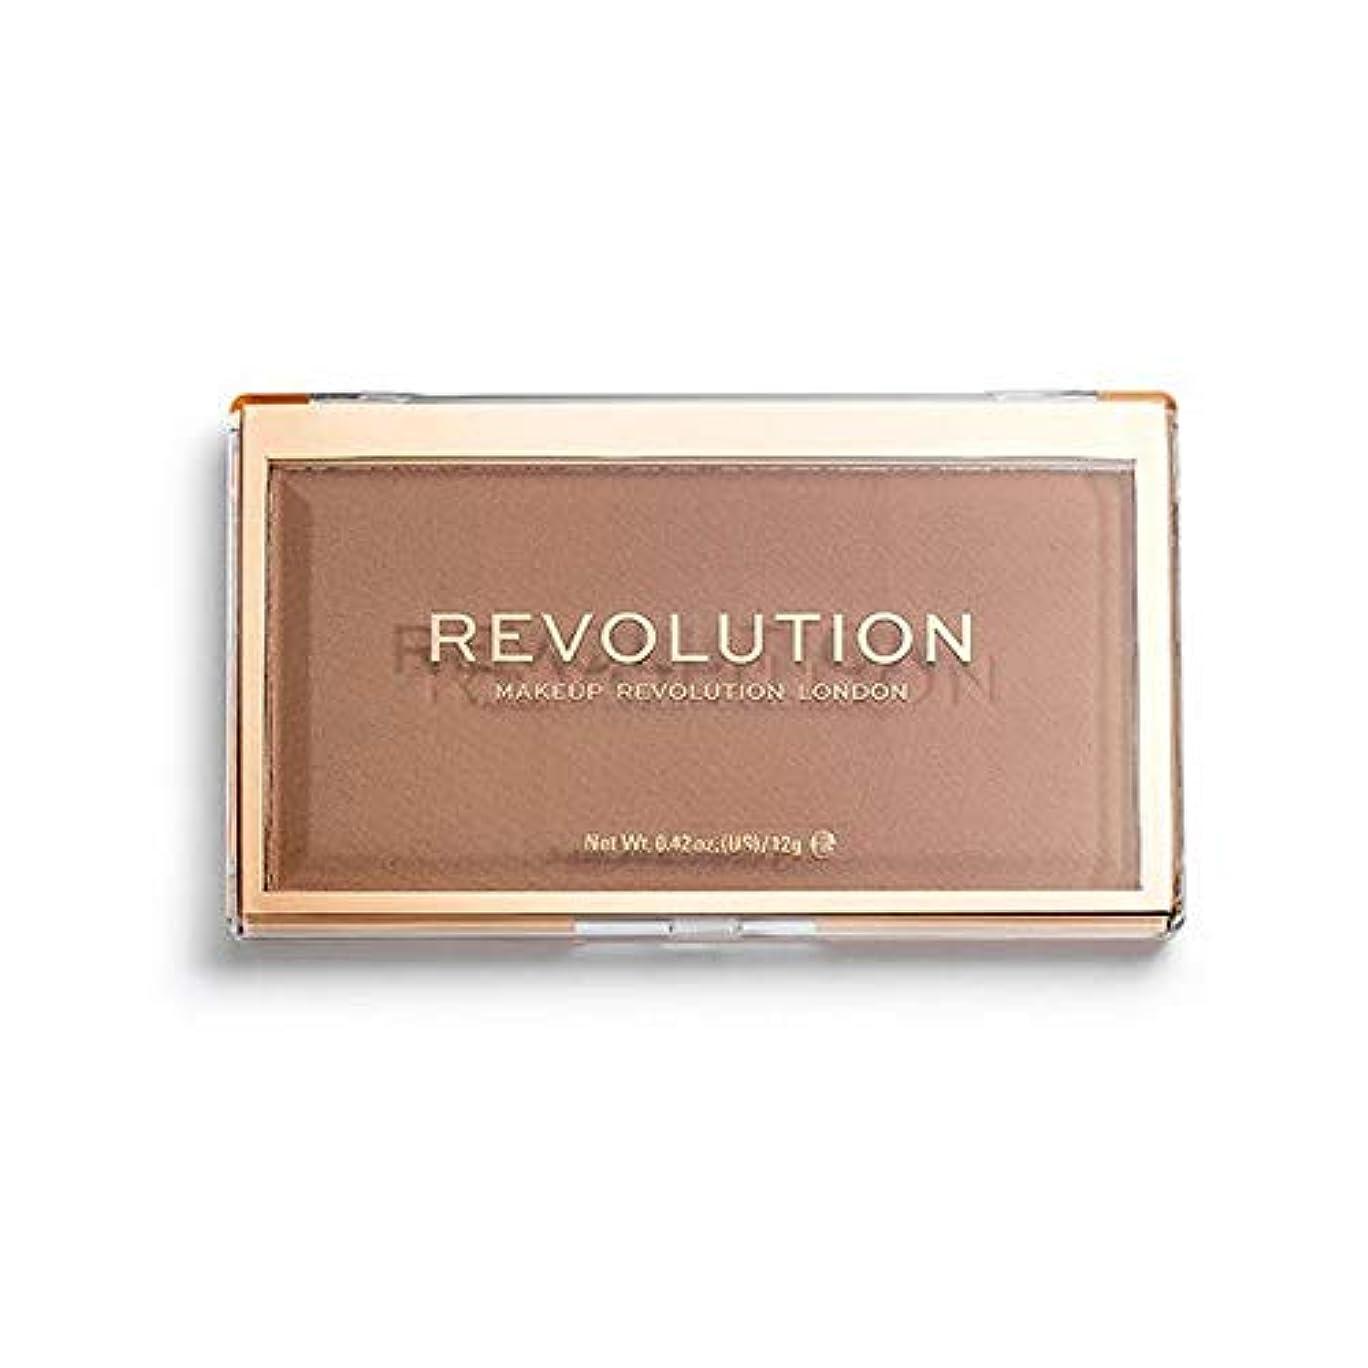 共和党それから中絶[Revolution ] 回転マットベース粉末P18 - Revolution Matte Base Powder P18 [並行輸入品]